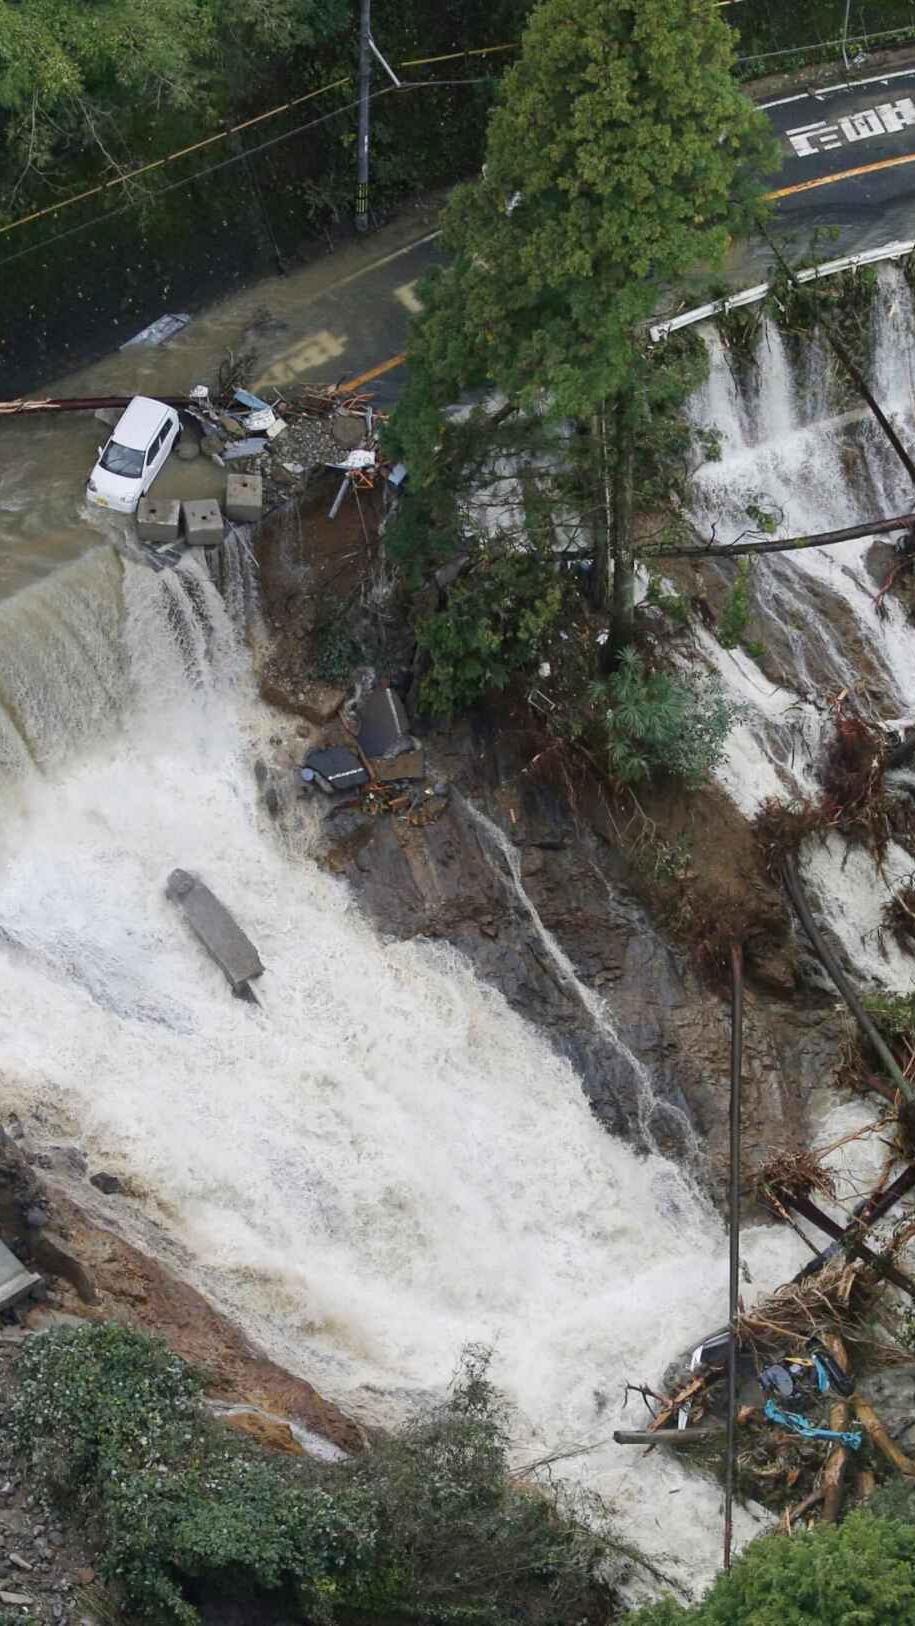 颱風「蘭恩」吹襲日本 增至六死